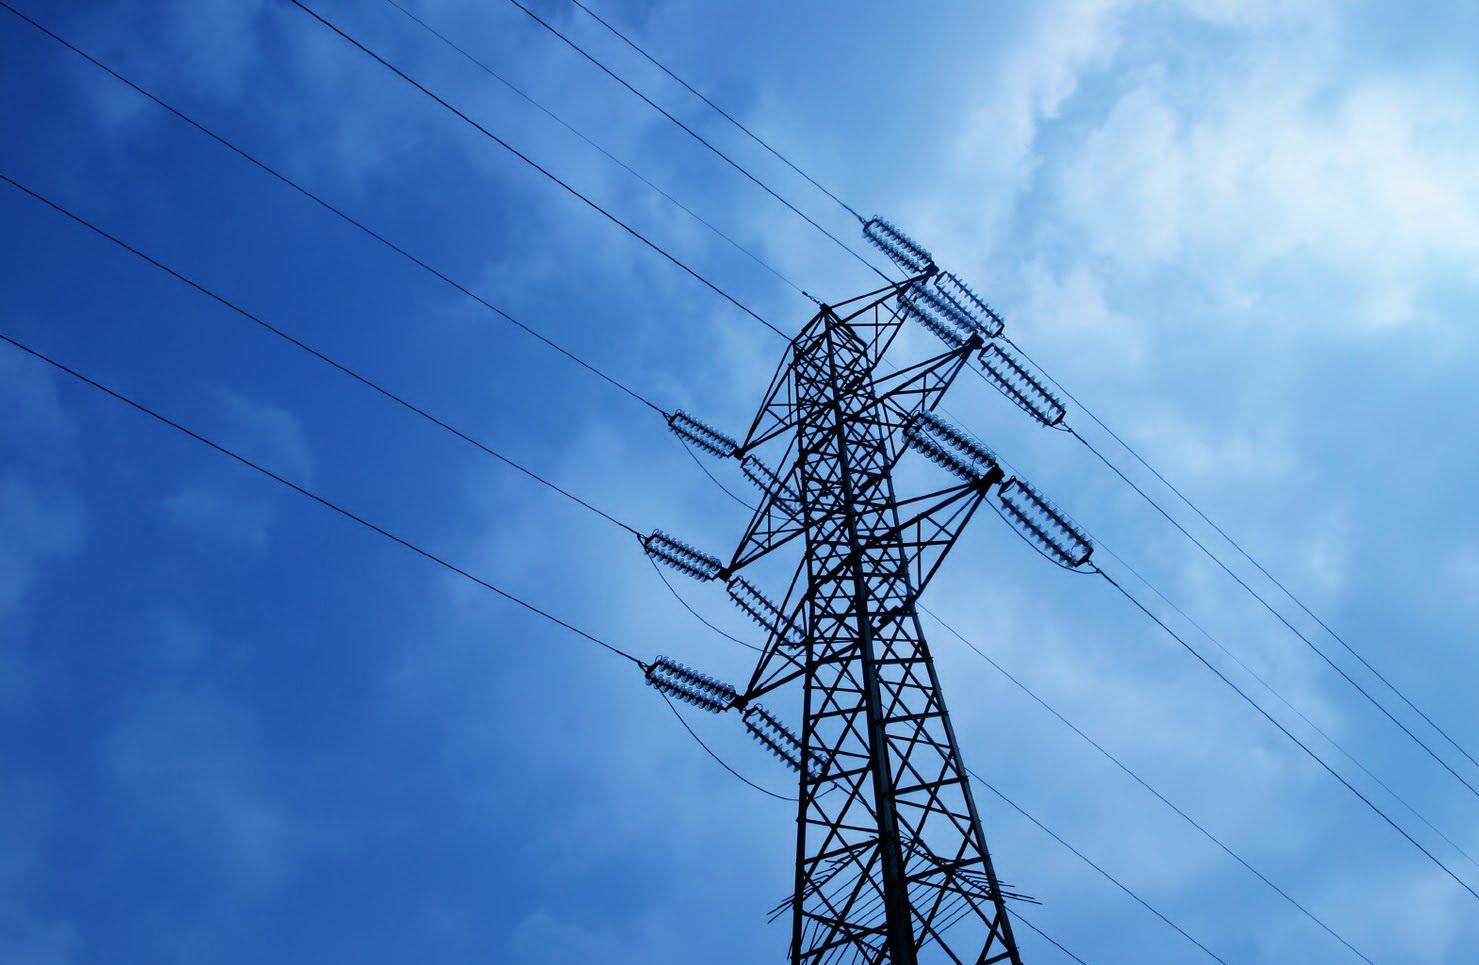 В Севастополе ограничат подачу электроэнергии